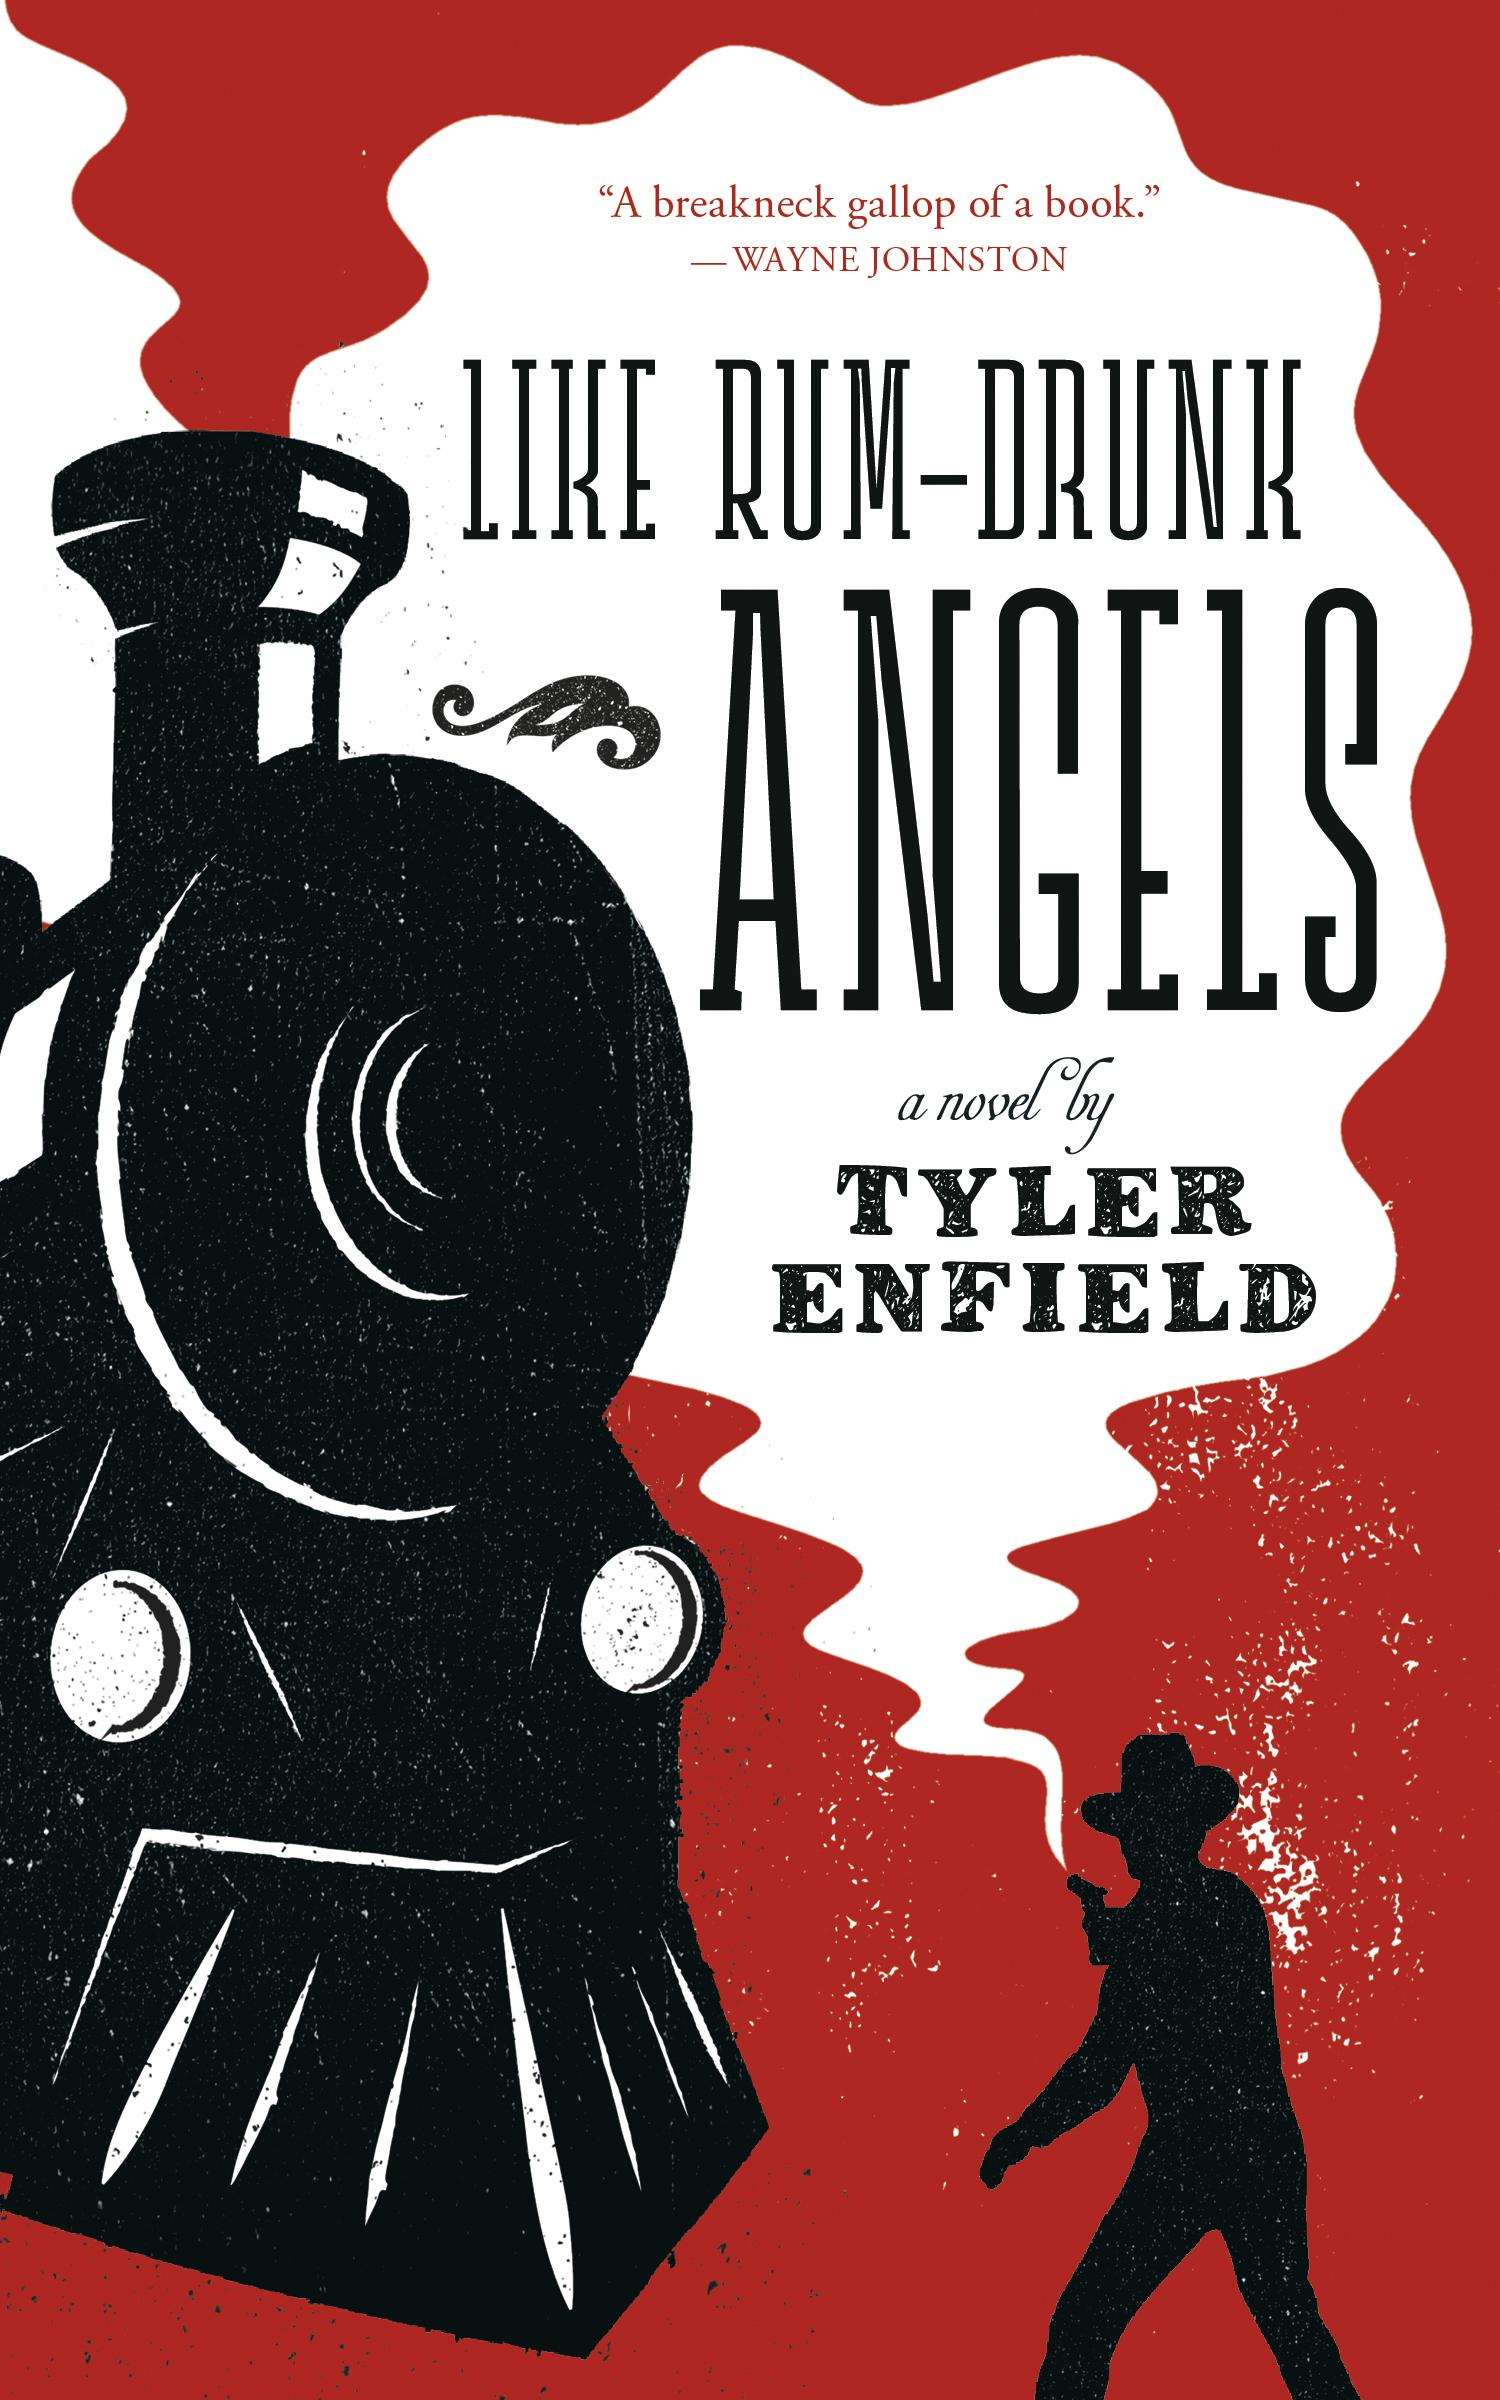 Enfield Tyler Like Rum Drunk Angels Book Jacket